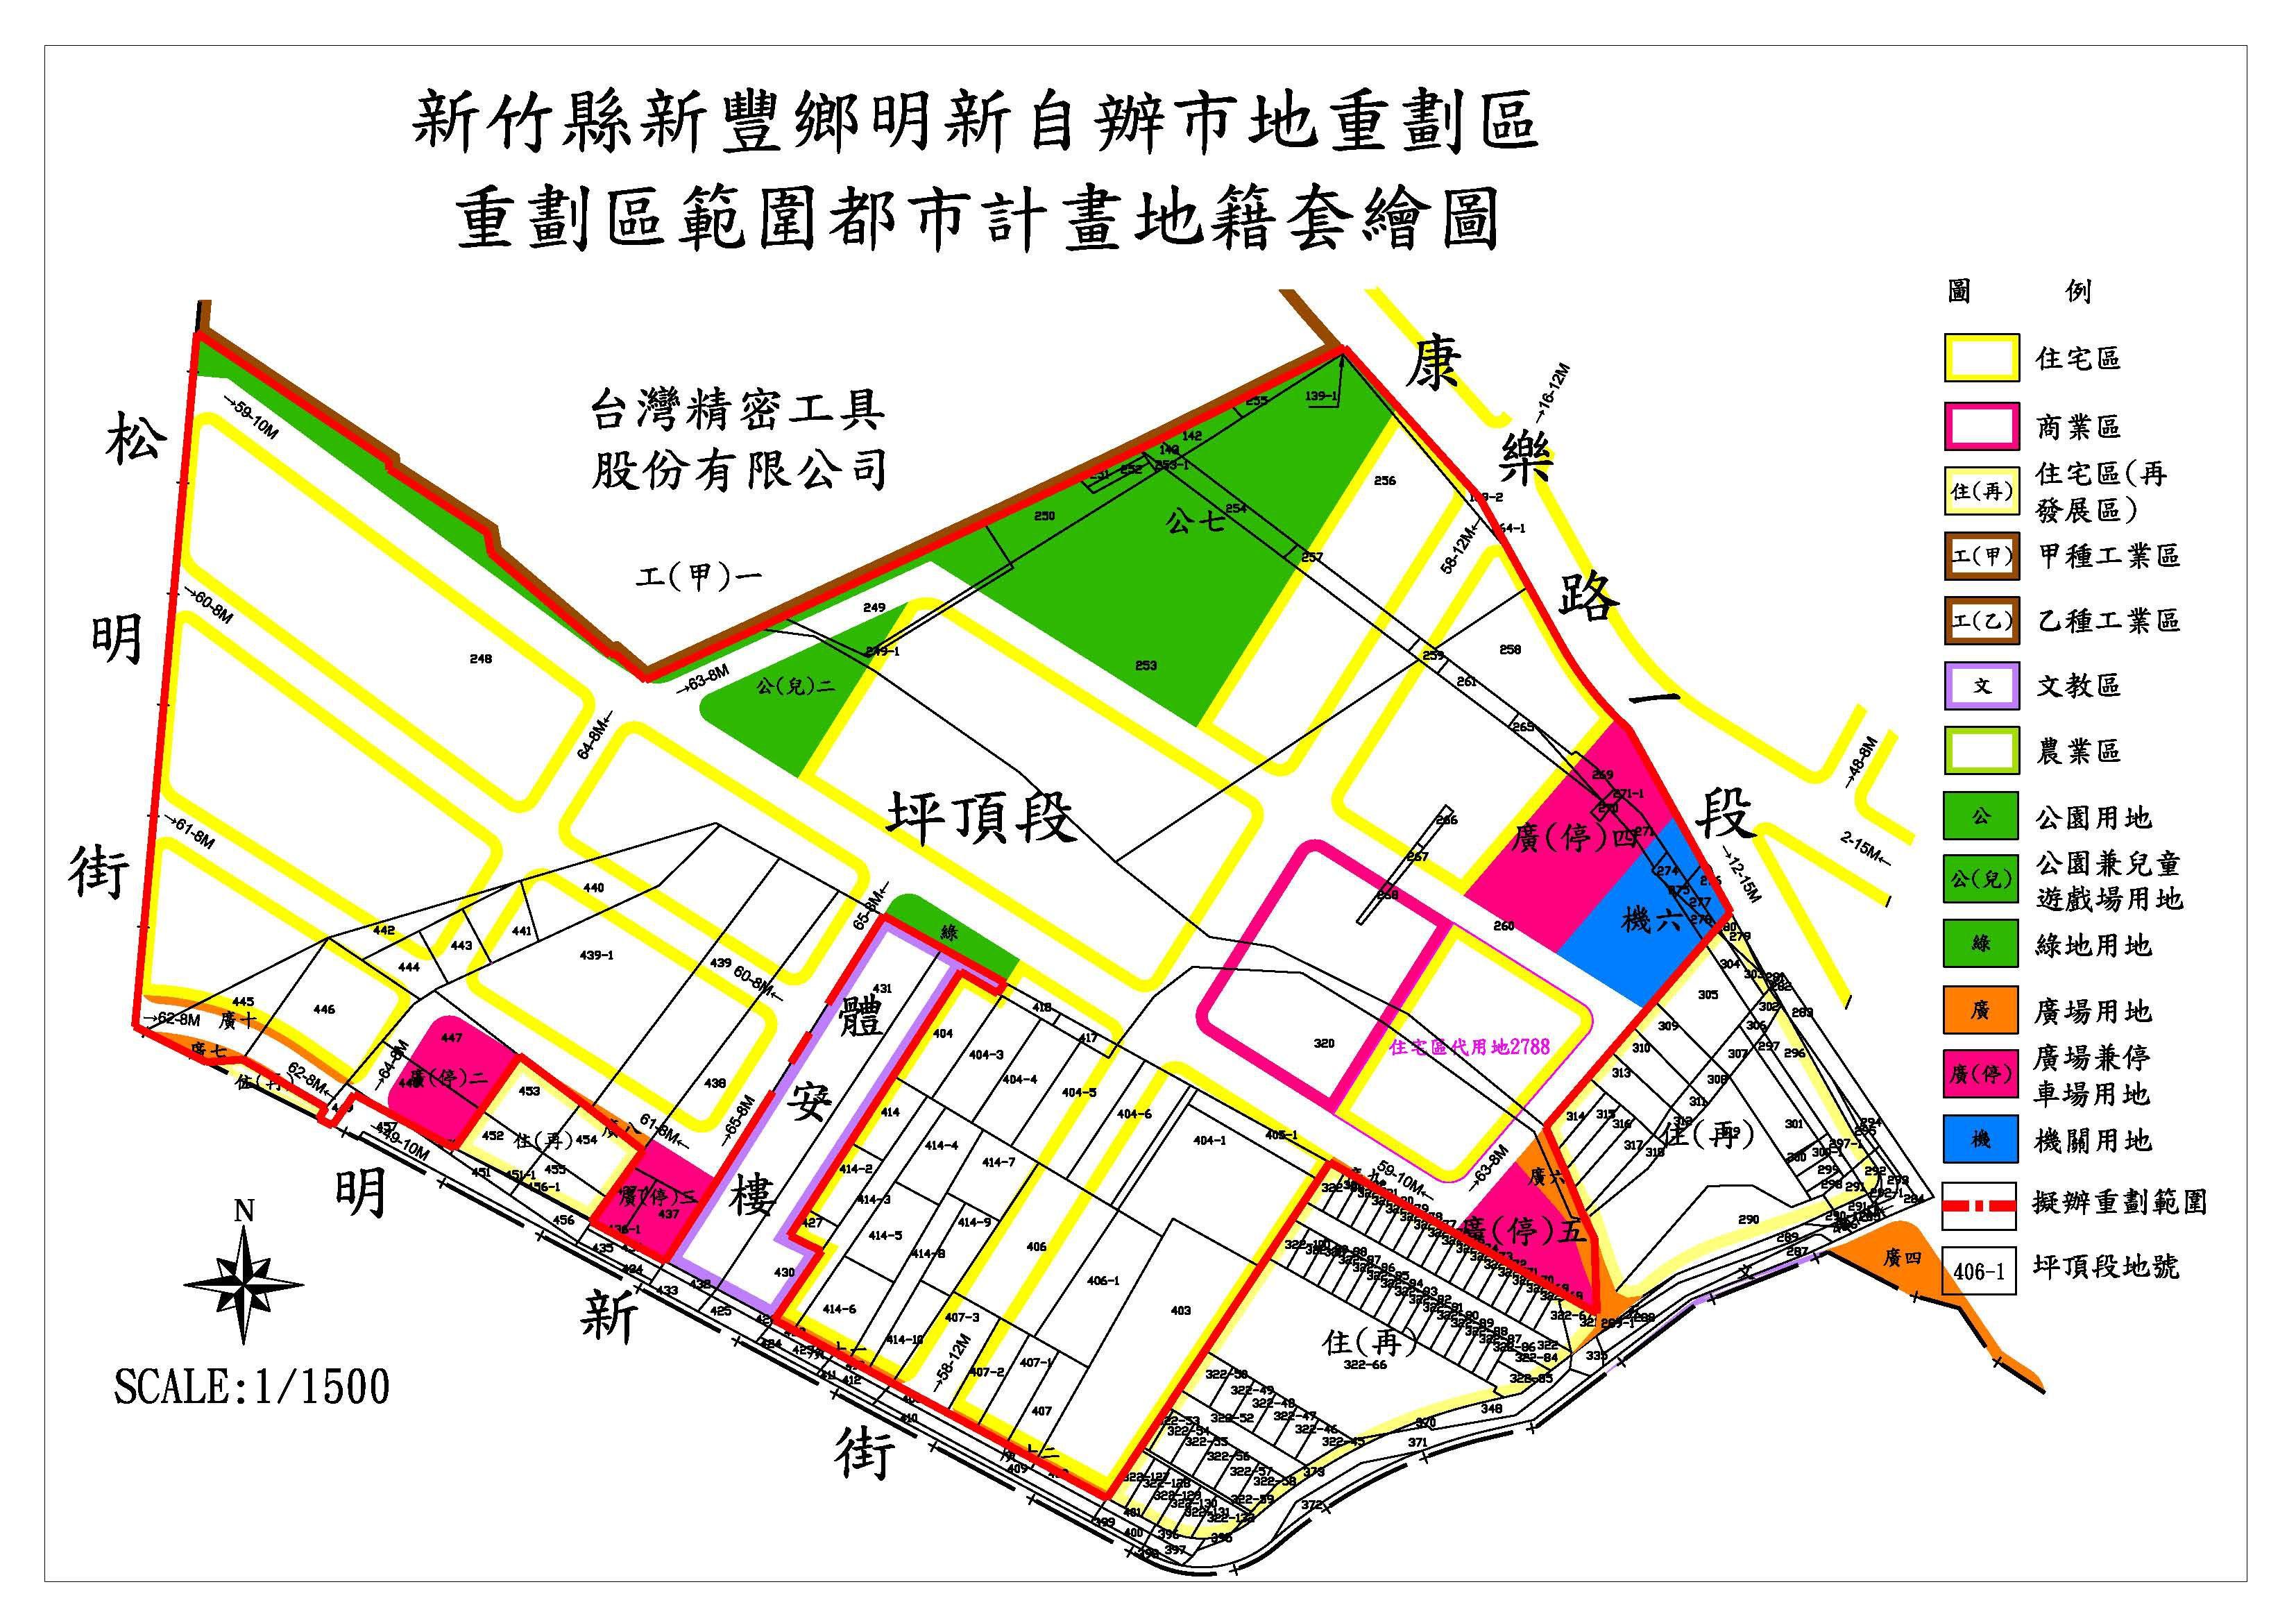 [專題報導]明新重劃區啟動 眾多建商蓄勢待發20181206-3.jpg